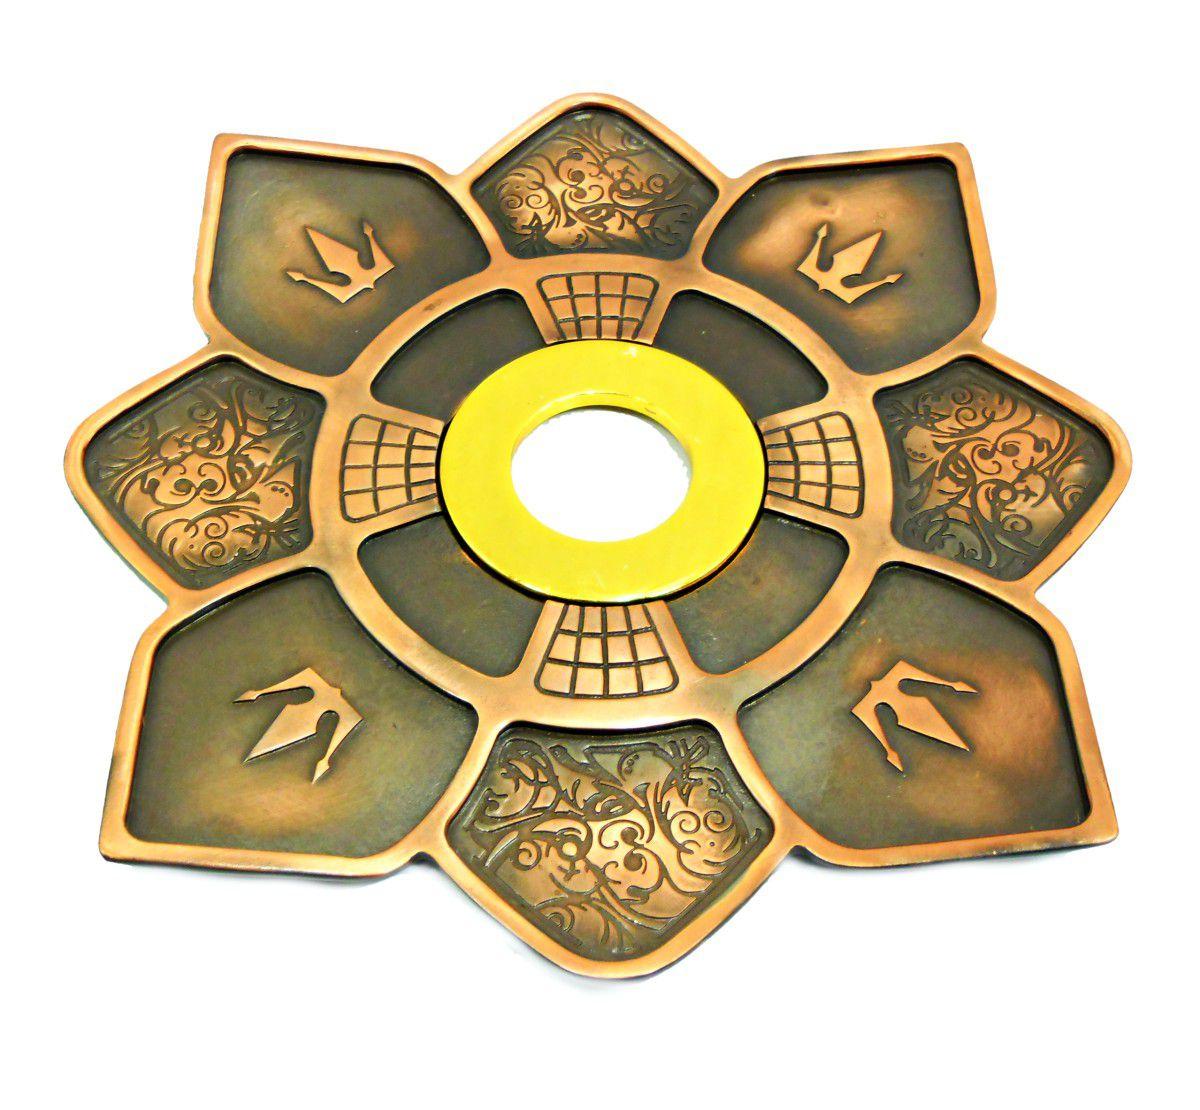 Prato para narguile IMPERIA c/pintura epóxi e centro dourado. 27cm de diâmetro, 4cm de furo. Cobre/dourado